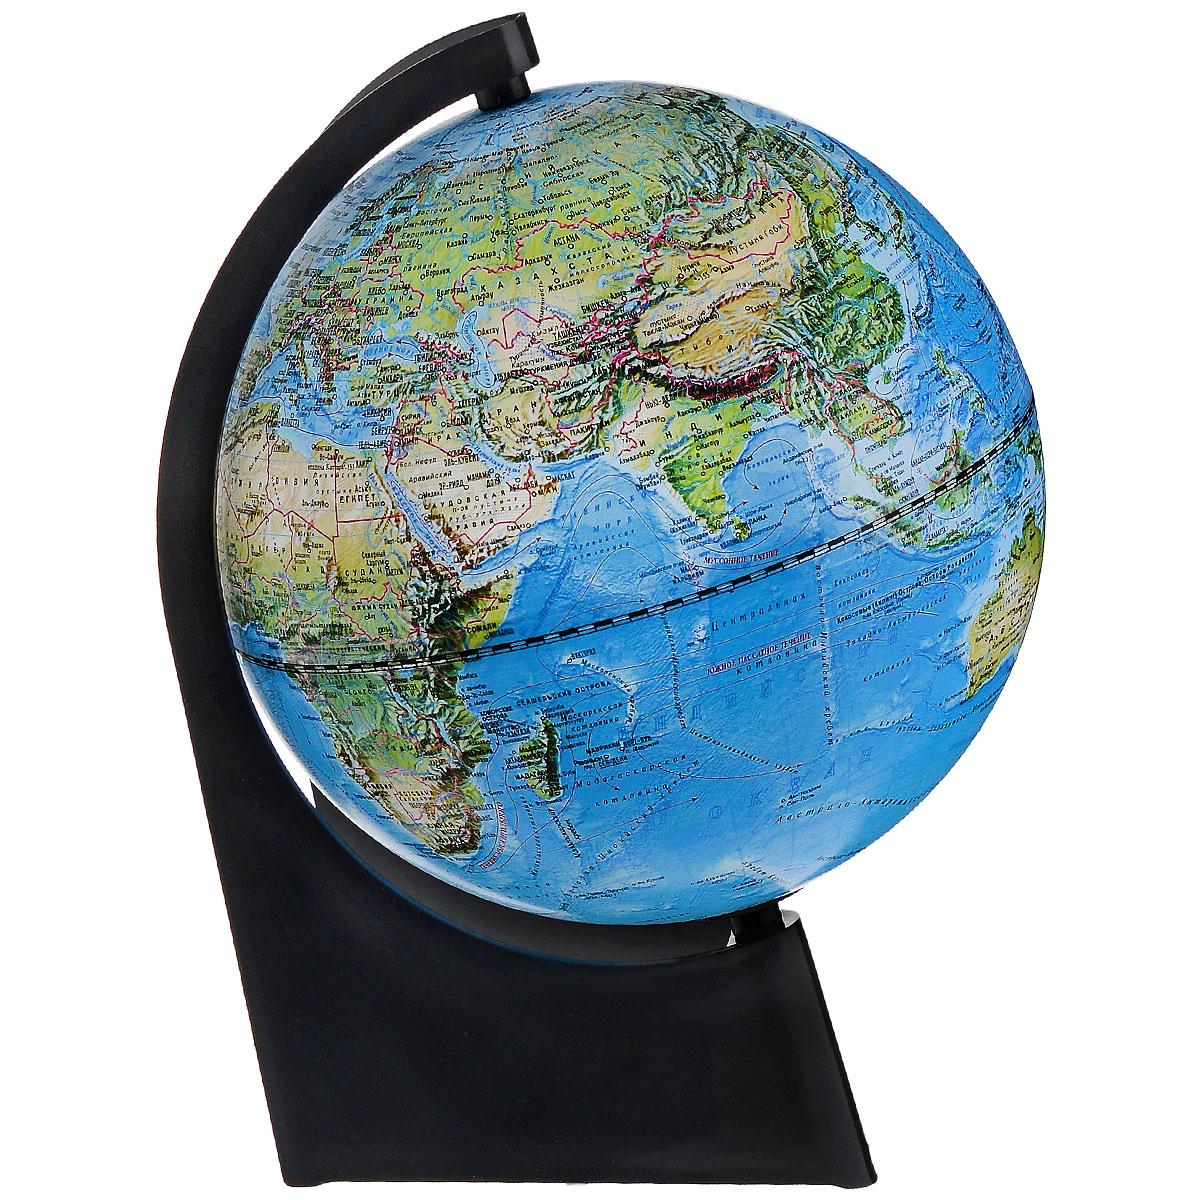 Глобусный мир Глобус с физической/политической картой, диаметр 21 см, с подсветкой, на подставке 10289